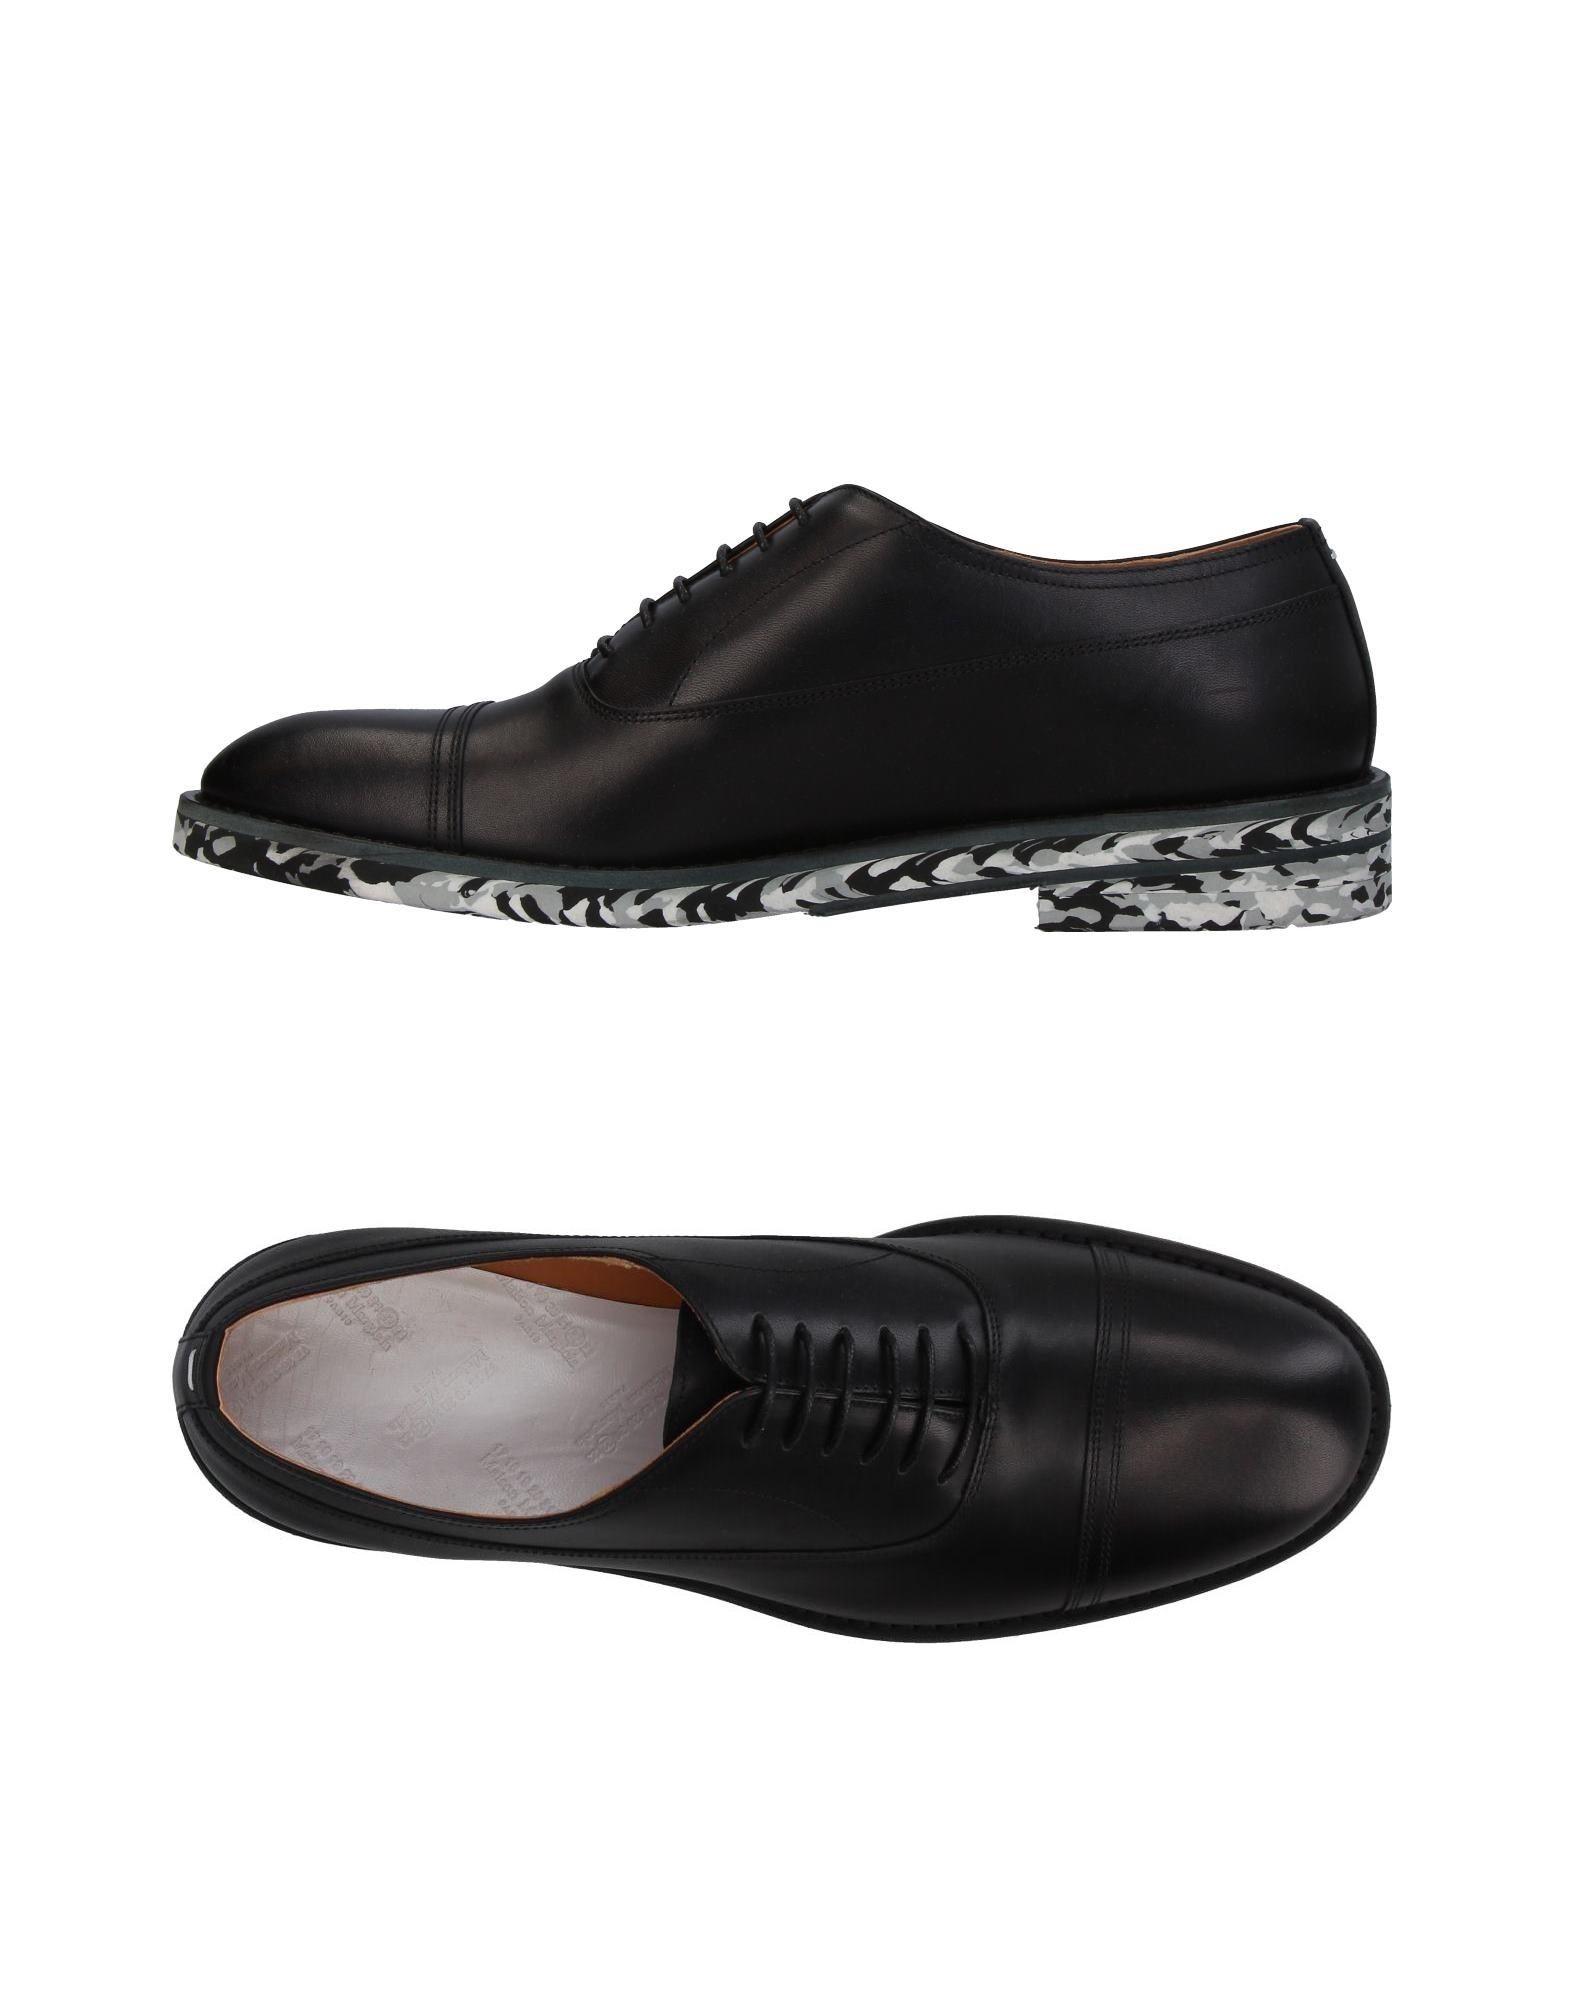 Chaussures À Lacets Maison Margiela Homme - Chaussures À Lacets Maison Margiela sur